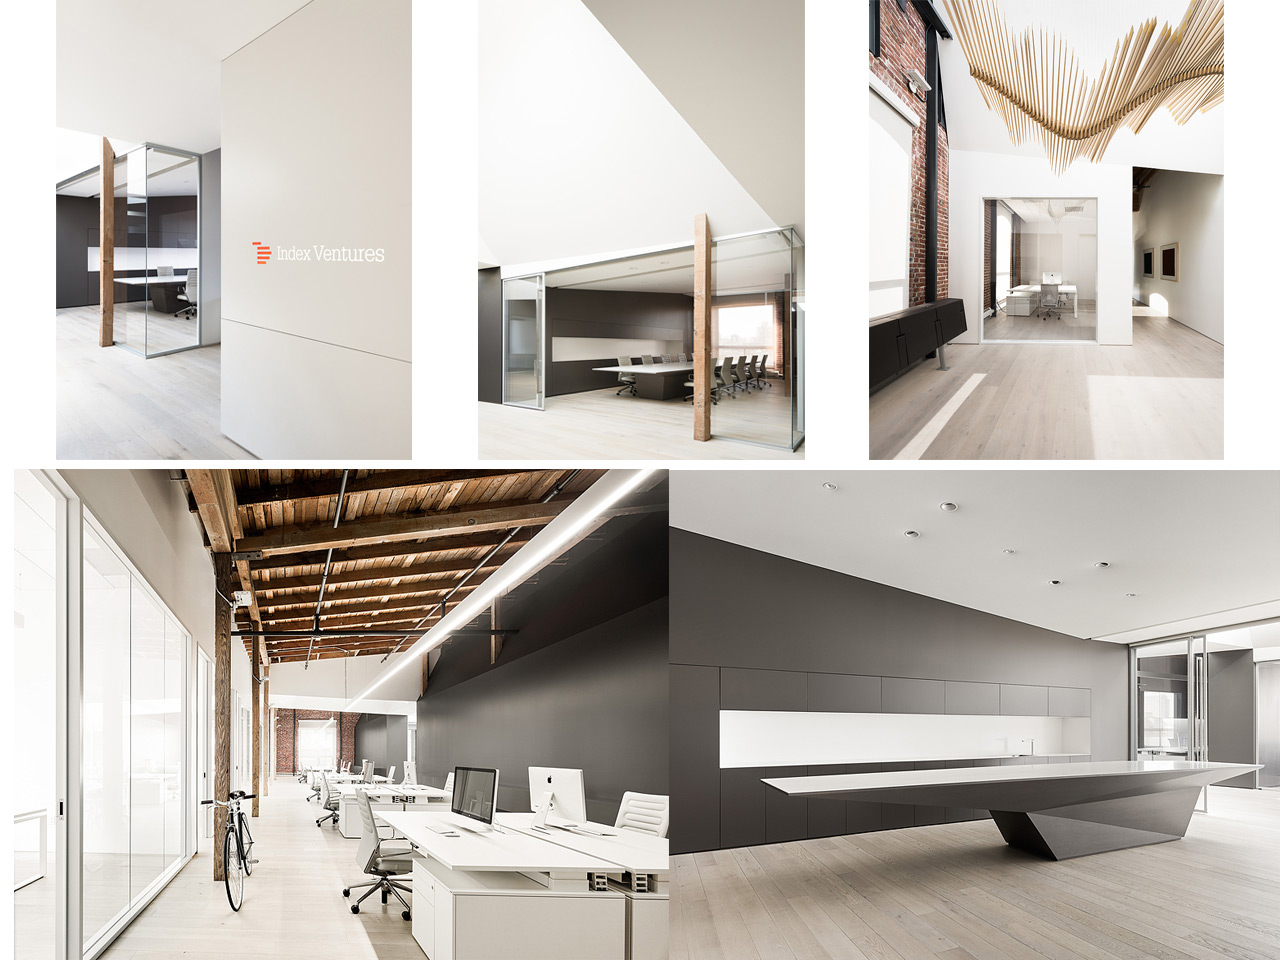 5 tendencias de arquitectura de oficinas modernas for Imagenes de oficinas de lujo